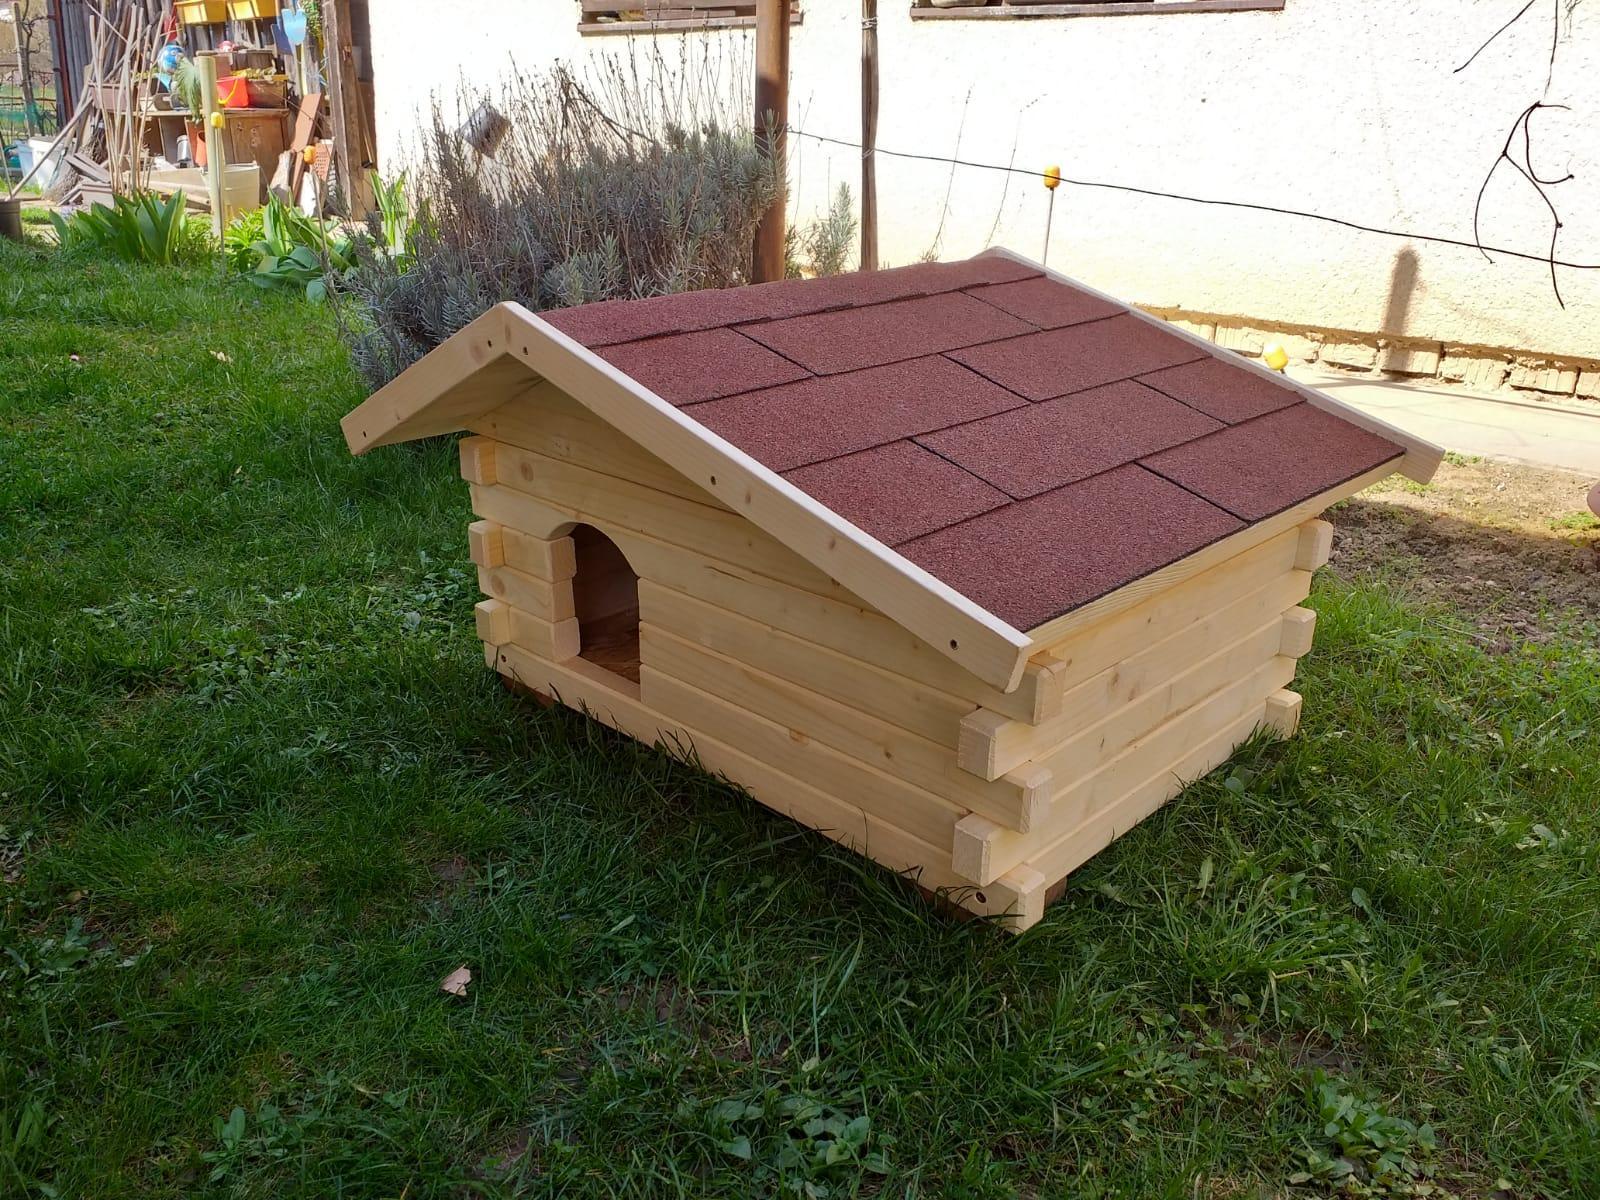 Domček pre malého psíka alebo mačku - Obrázok č. 4